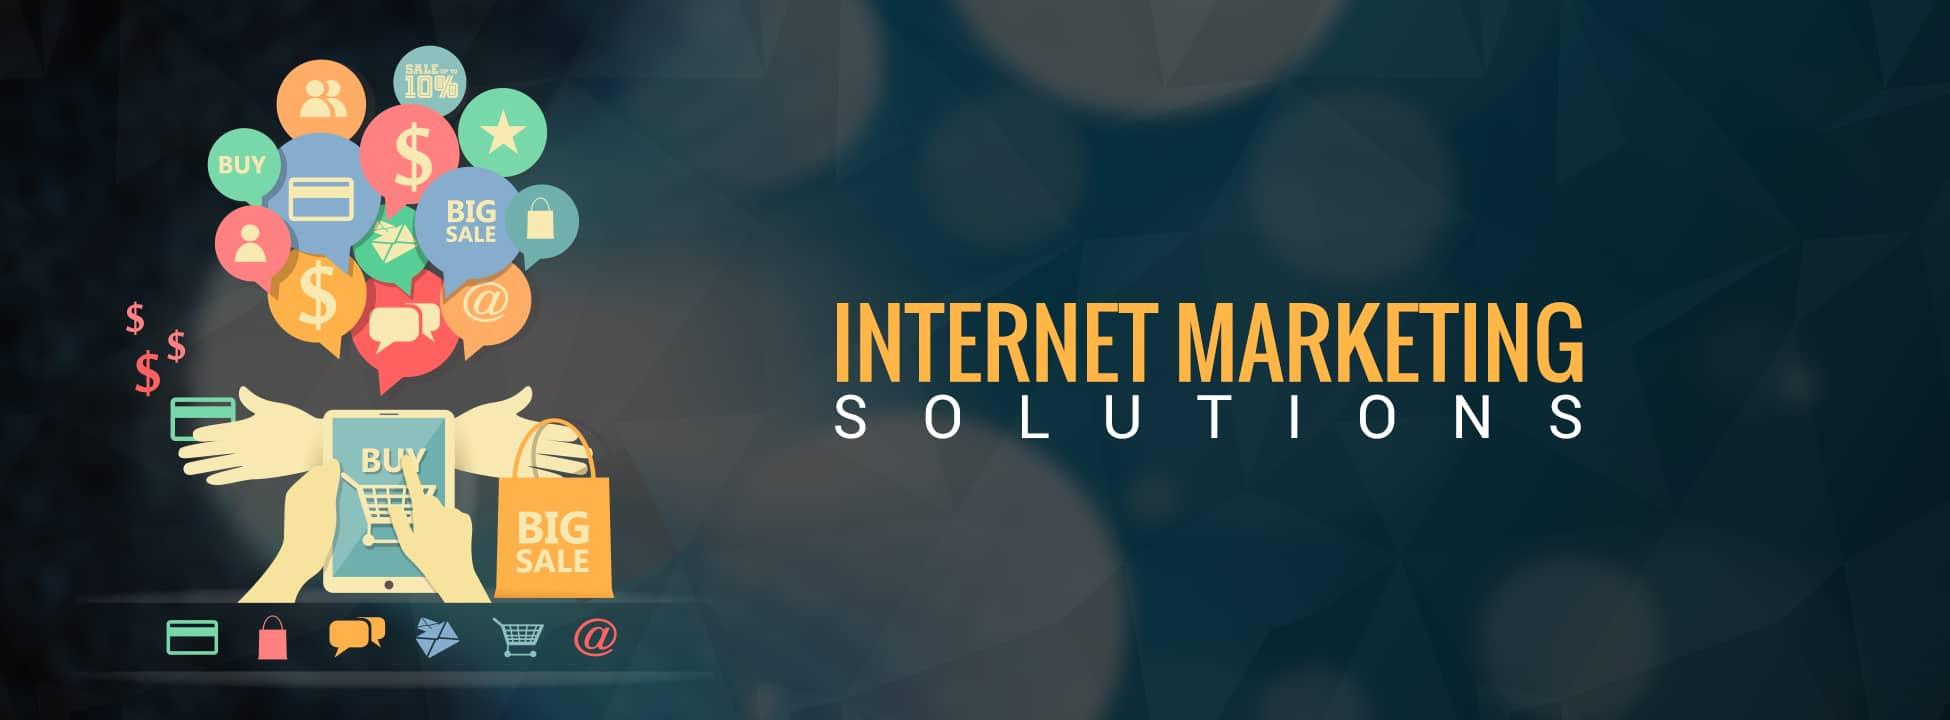 Online Marketing Rockleigh